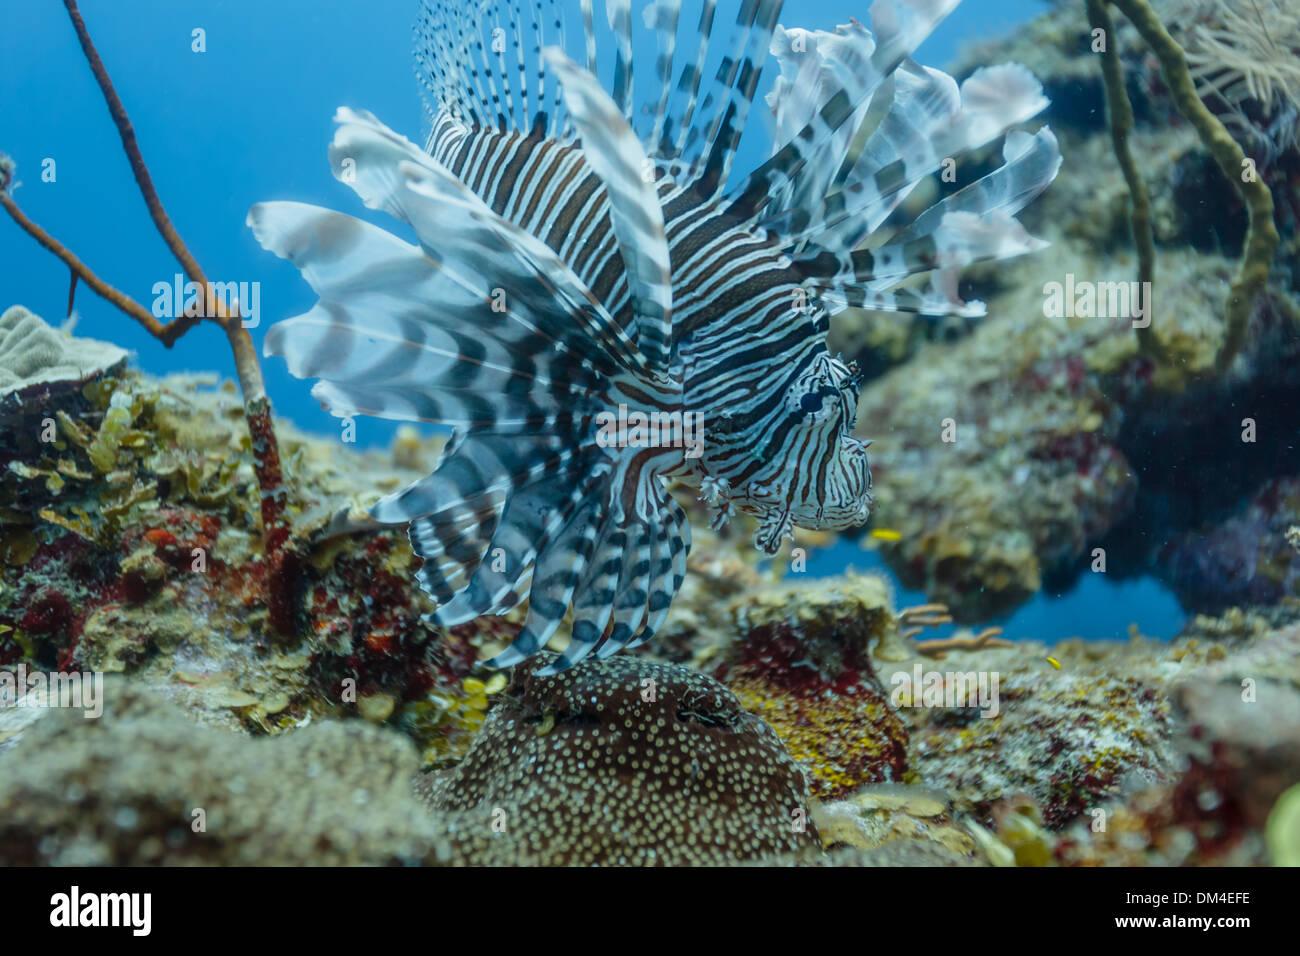 Pez león muestra la gama completa de tentáculos sobre arrecifes de coral en Belice Foto de stock